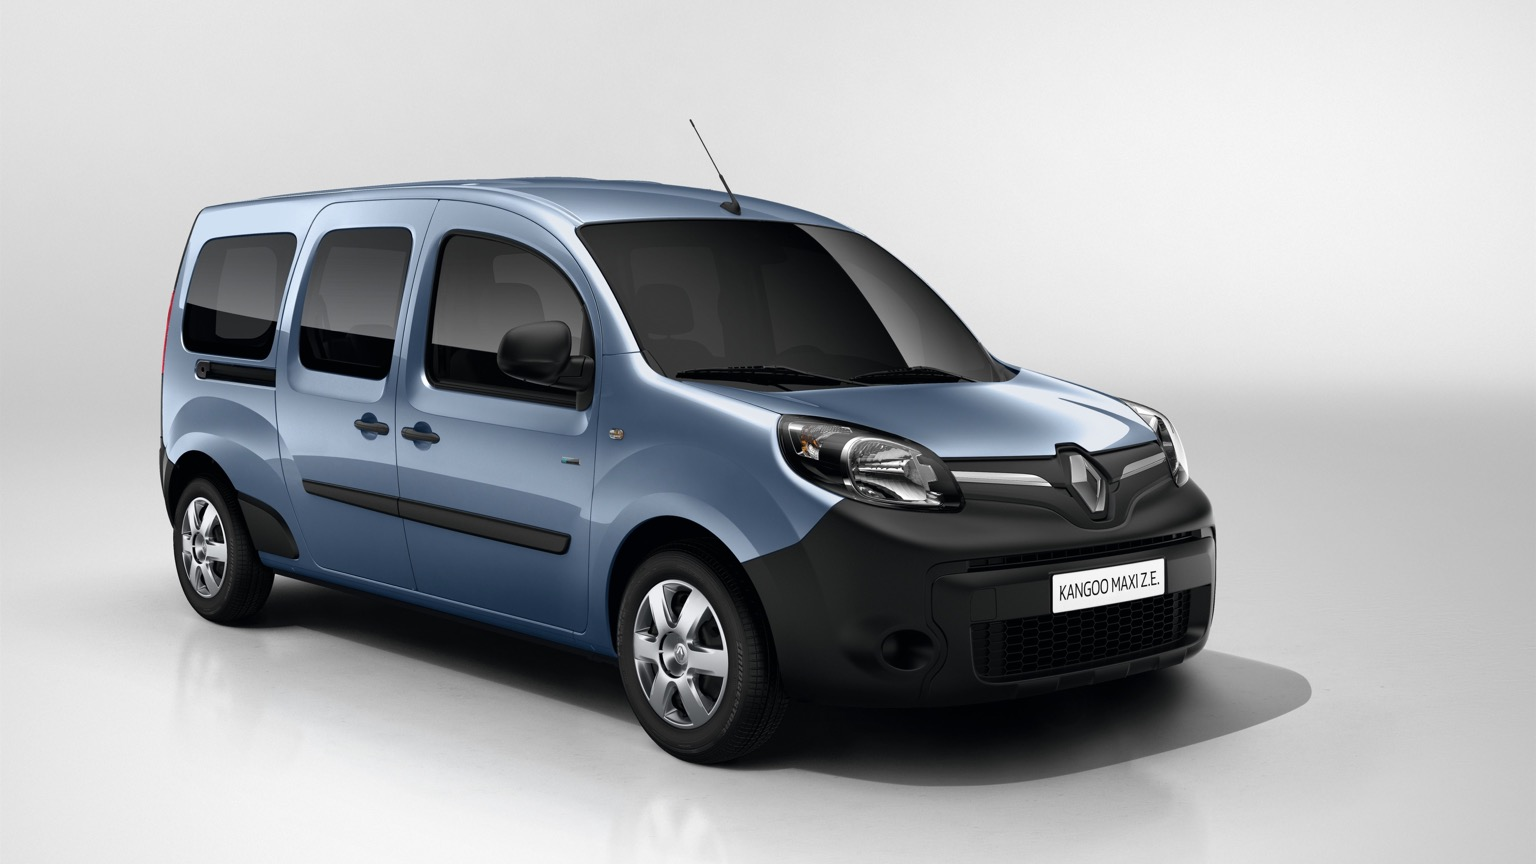 Renault Kangoo Maxi ZE 33 (2017)